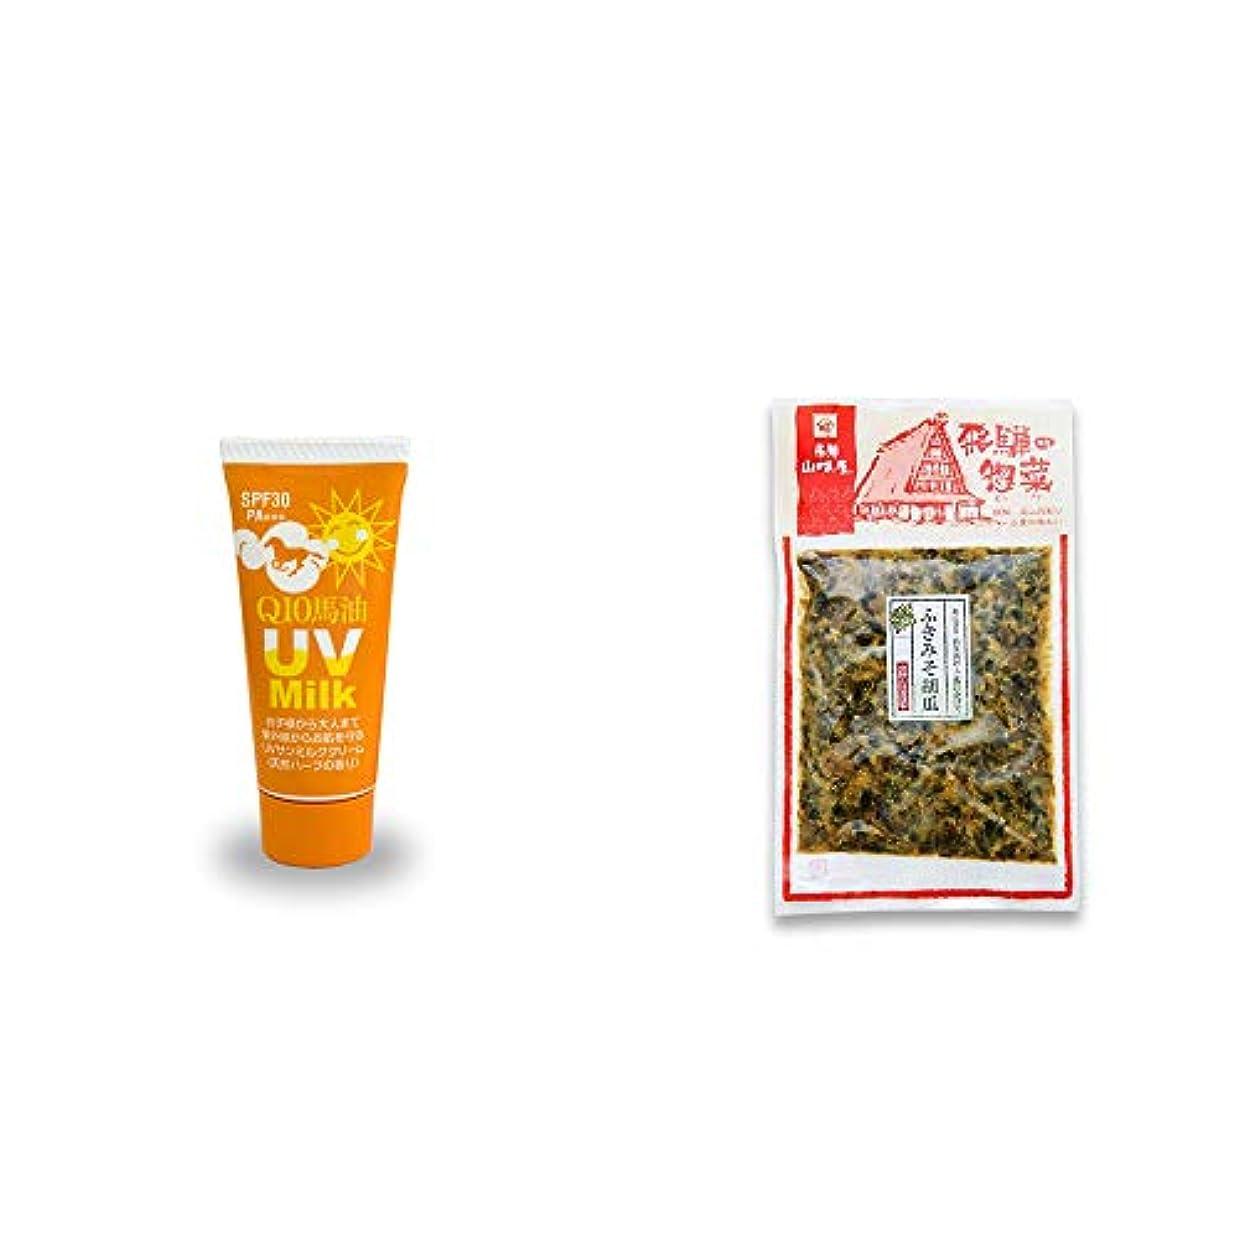 持続するチョップリール[2点セット] 炭黒泉 Q10馬油 UVサンミルク[天然ハーブ](40g)?飛騨山味屋 ふきみそ胡瓜(120g)